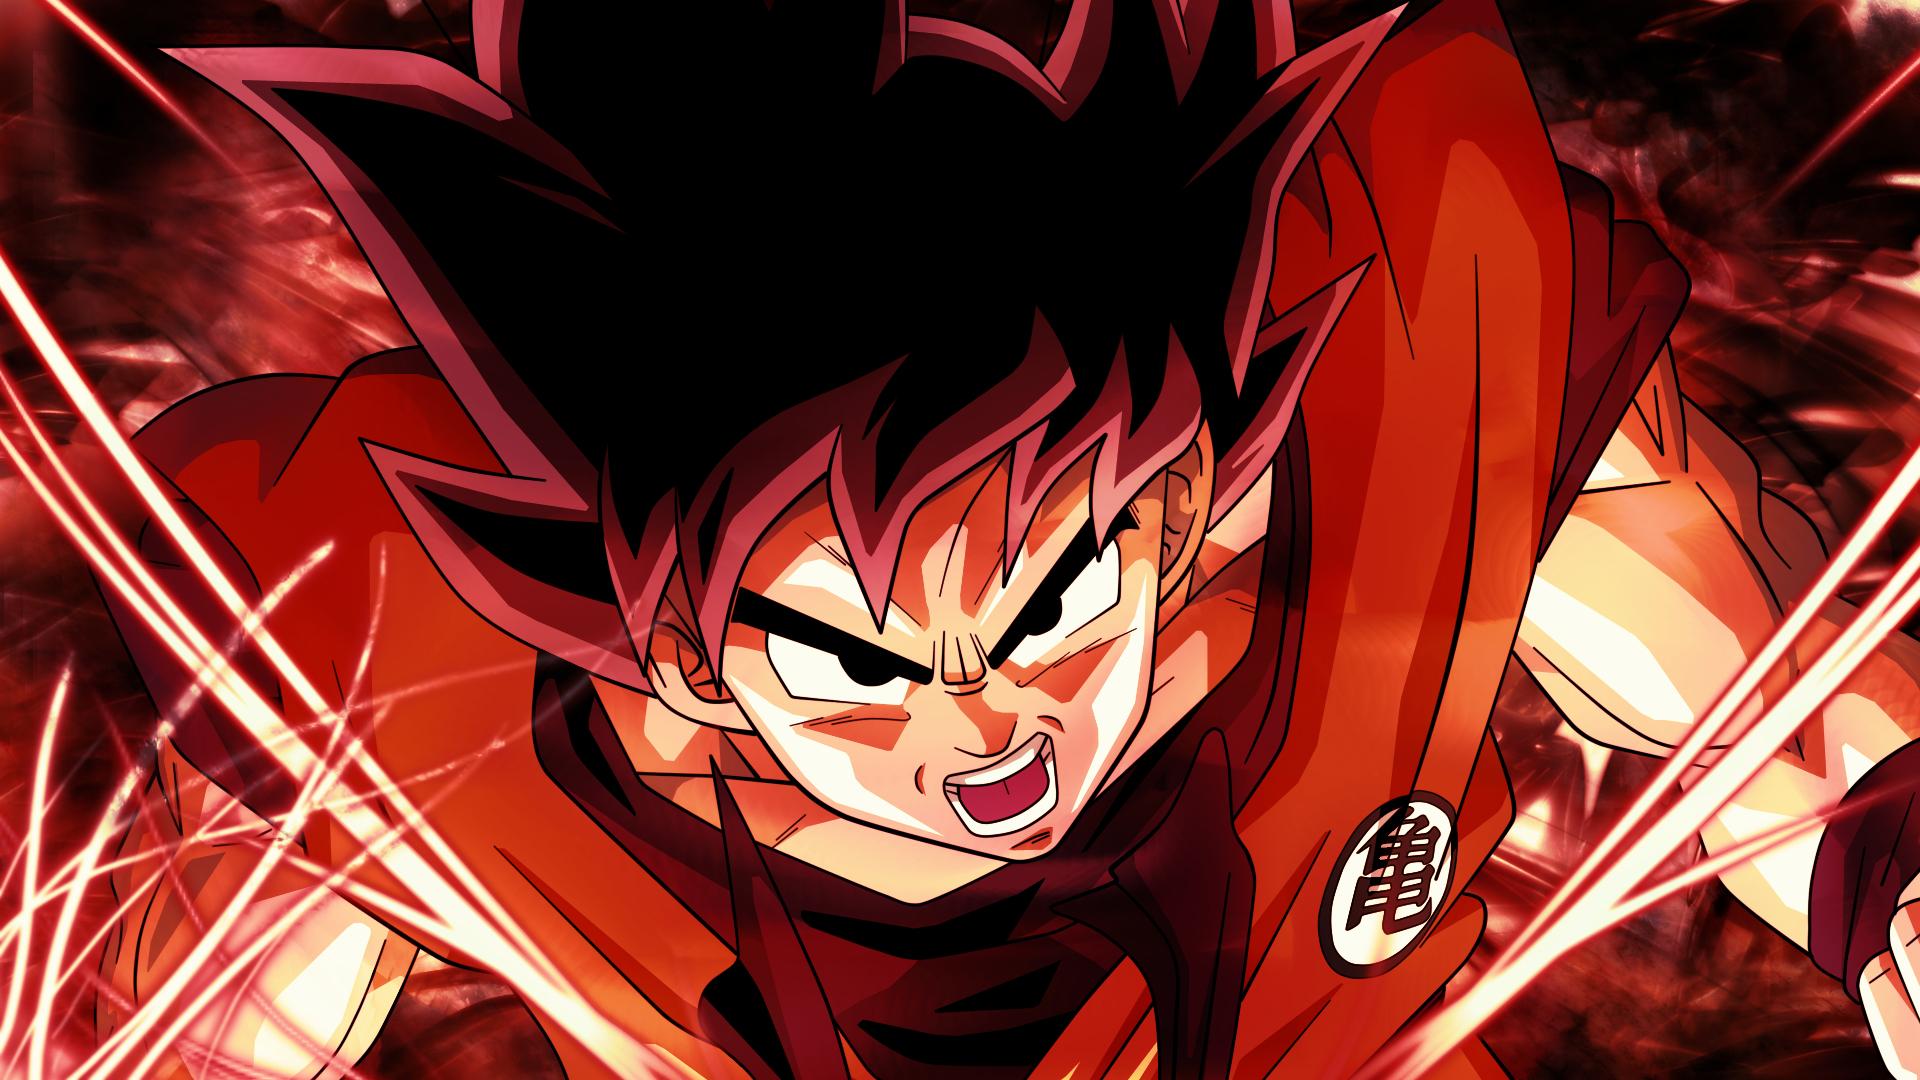 Goku Wallpapers Desktop Backgrounds 1920x1080